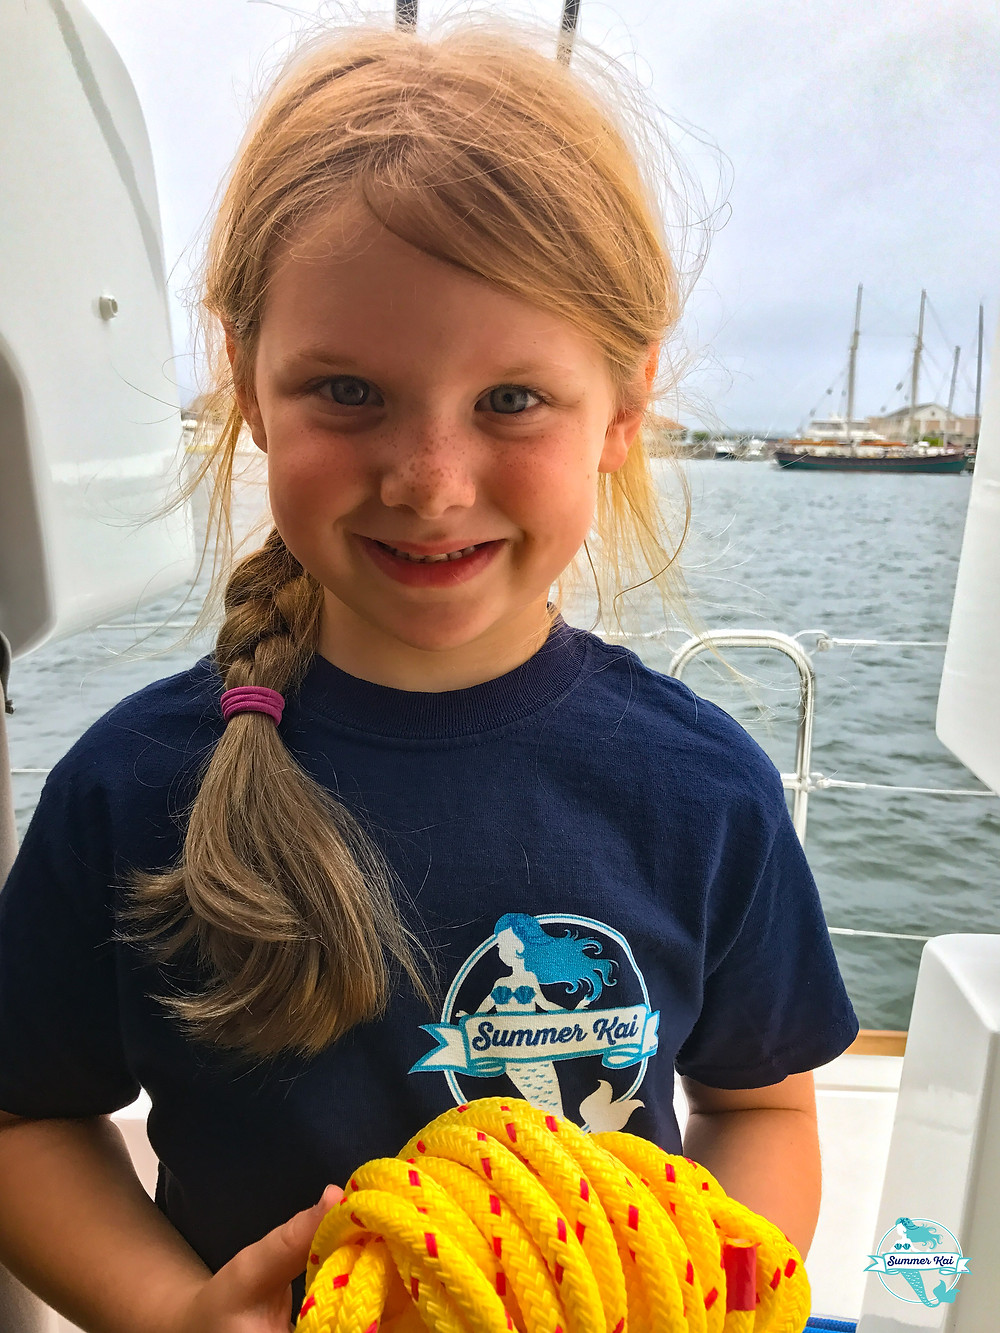 Little Helper on the Boat